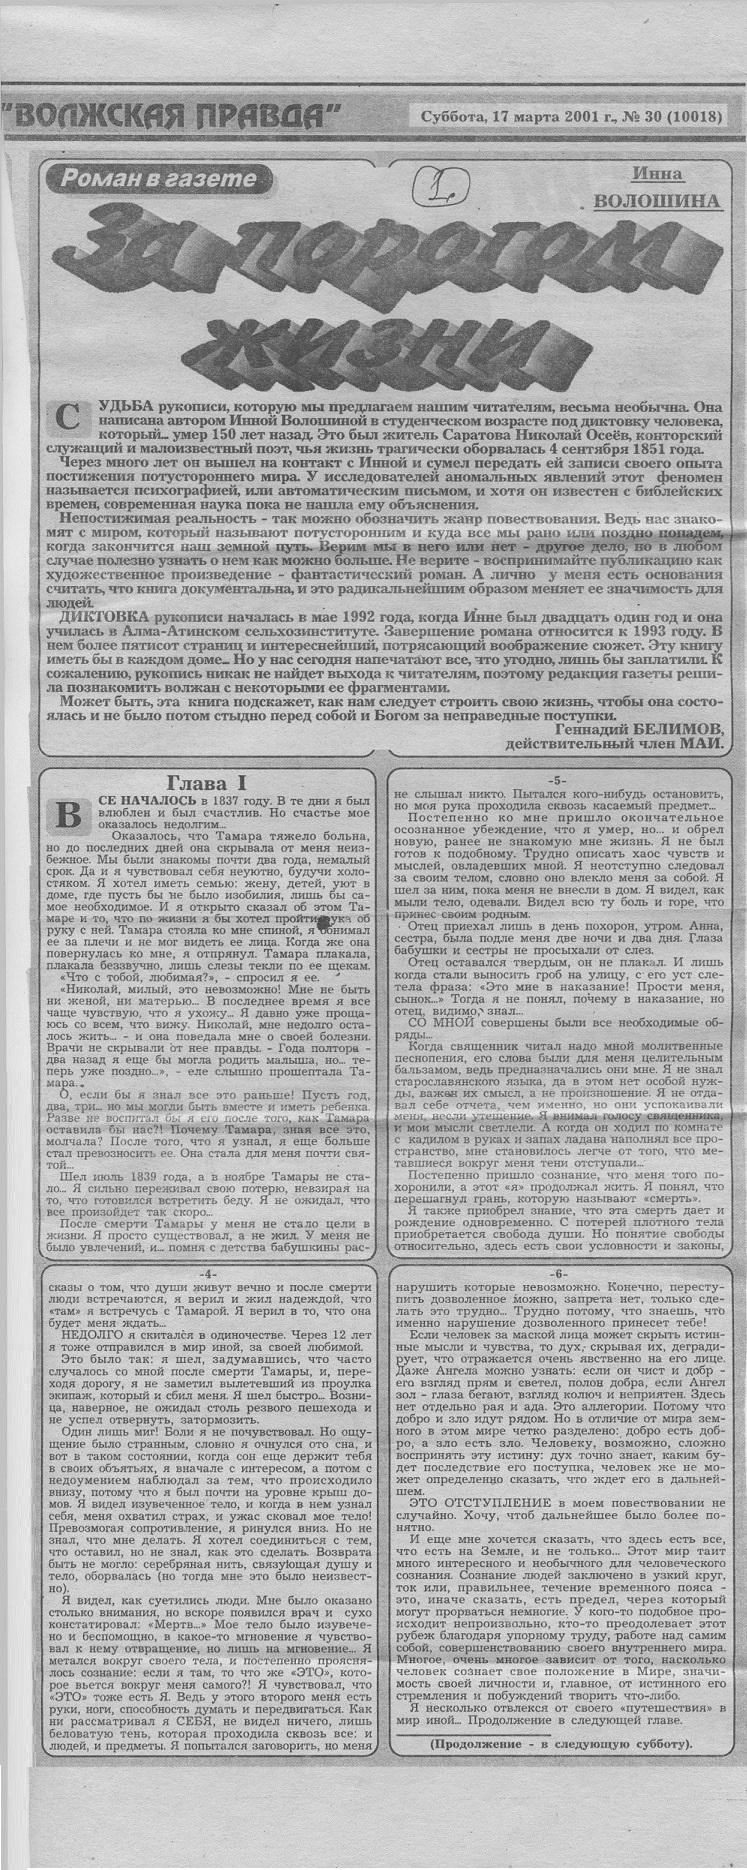 Первый выпуск книги в газете